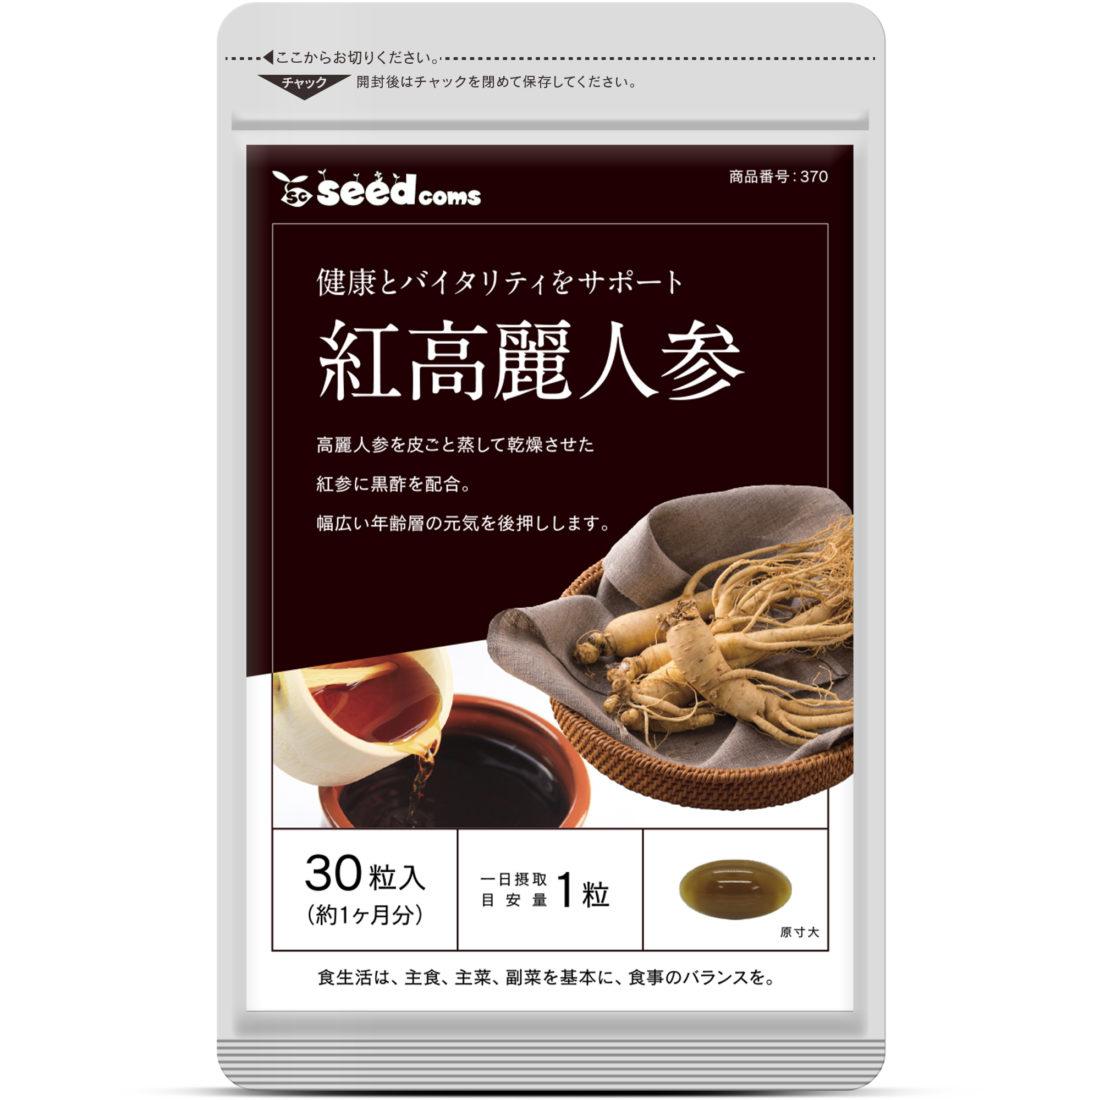 紅高麗人参 シードコムス seedcoms